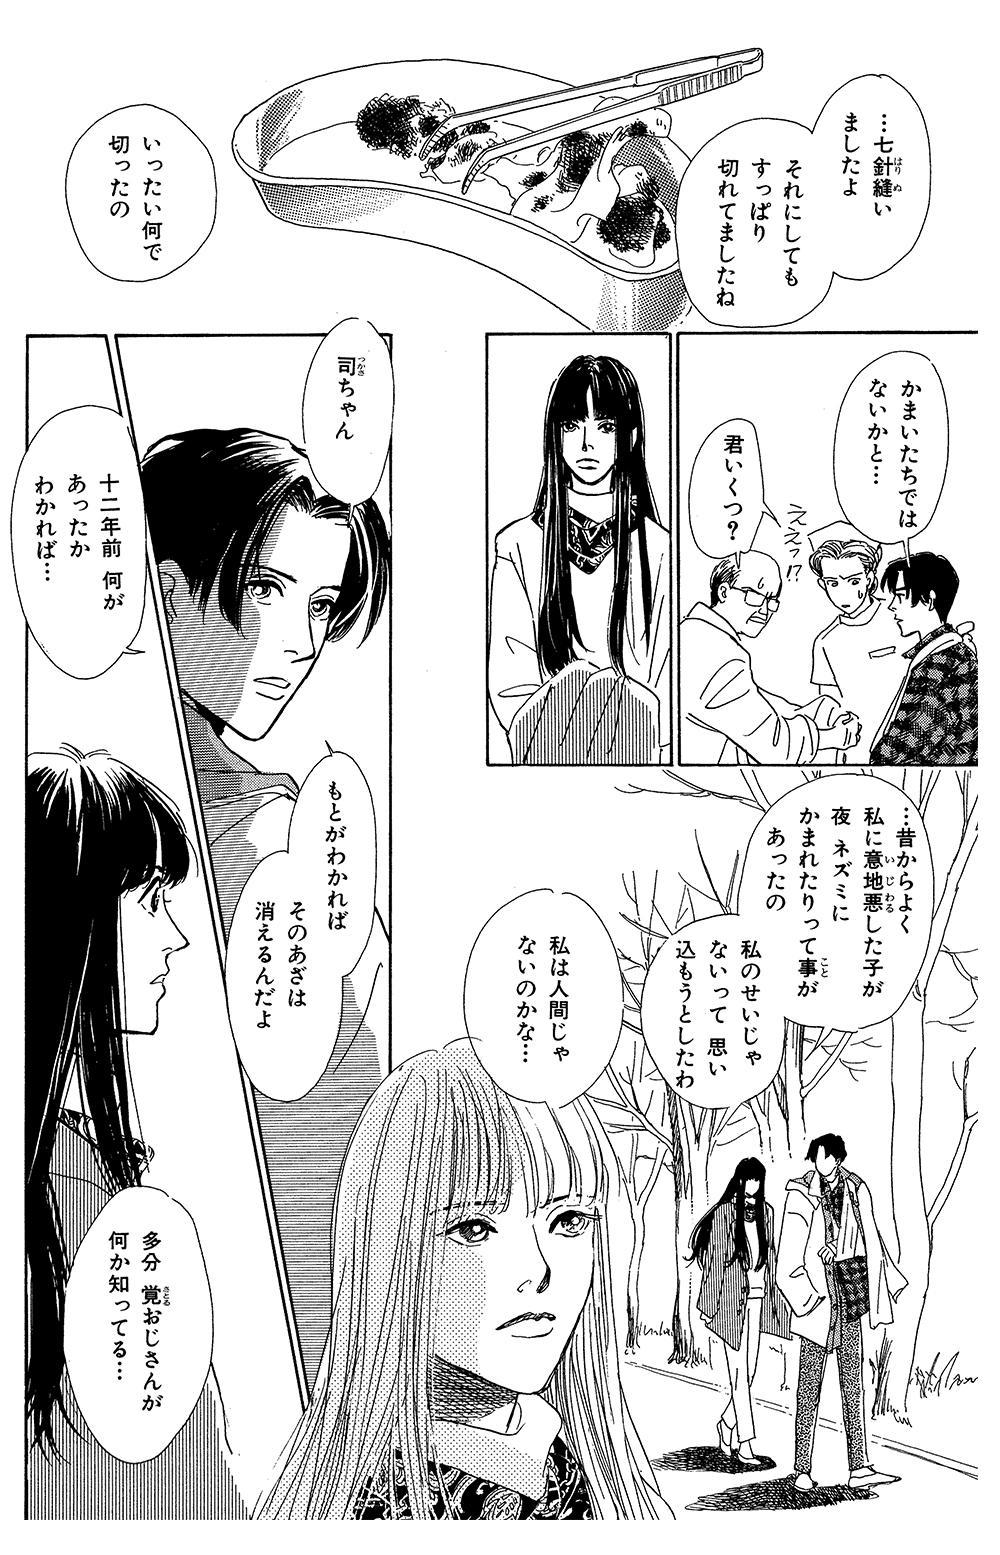 百鬼夜行抄 第1話「闇からの呼び声」④hyakki1-4-9.jpg